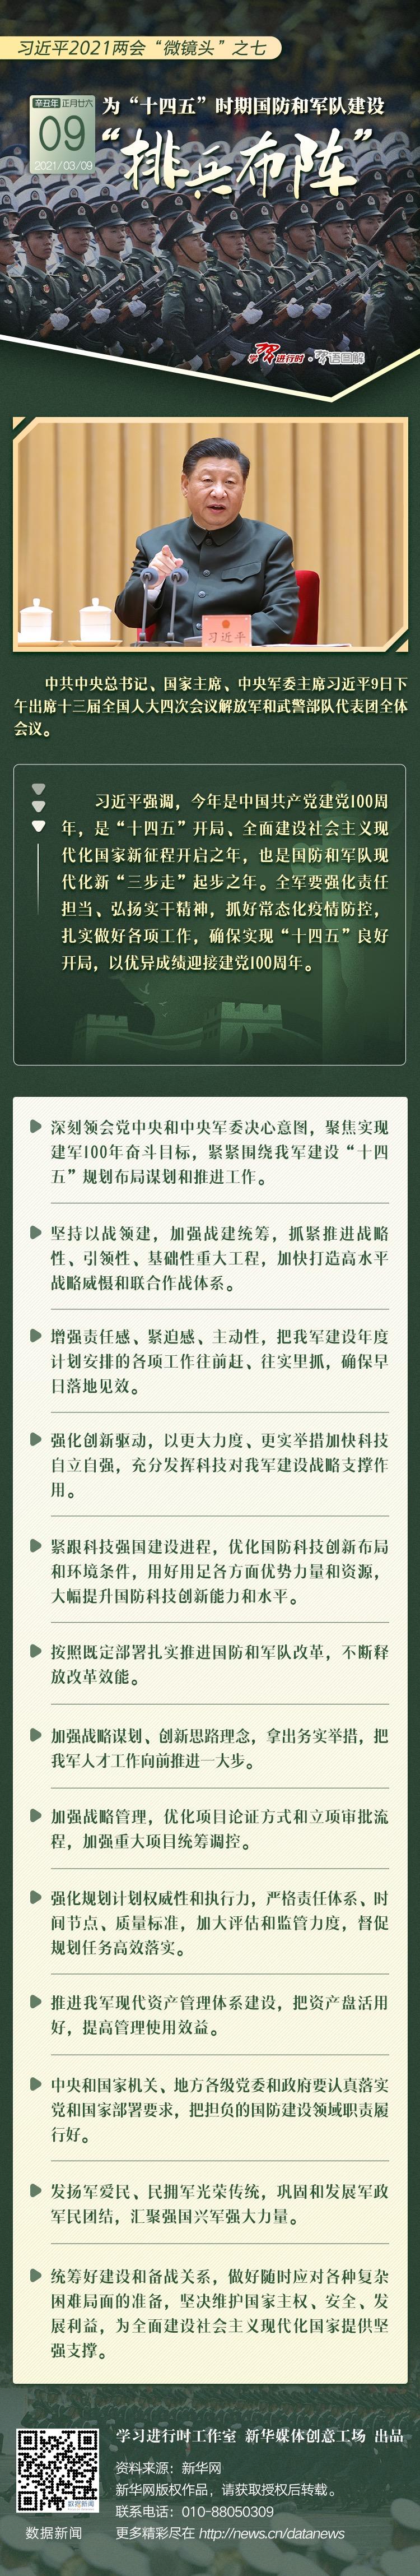 江淮和悦rs怎么样_四面八方的意思_输入关键字